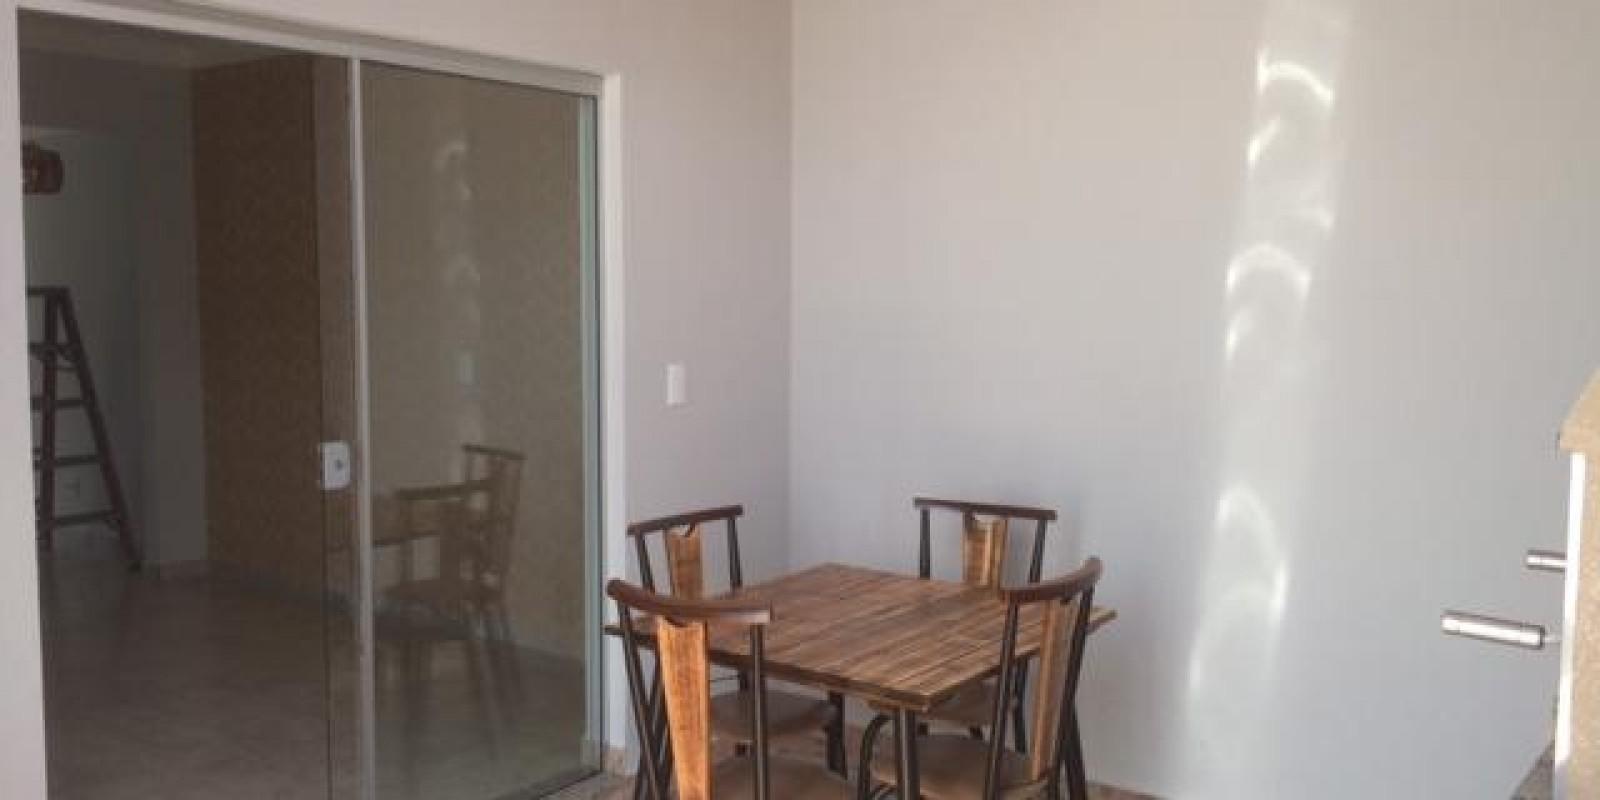 Casa no Condomínio São Remo em Avaré SP - Foto 14 de 20